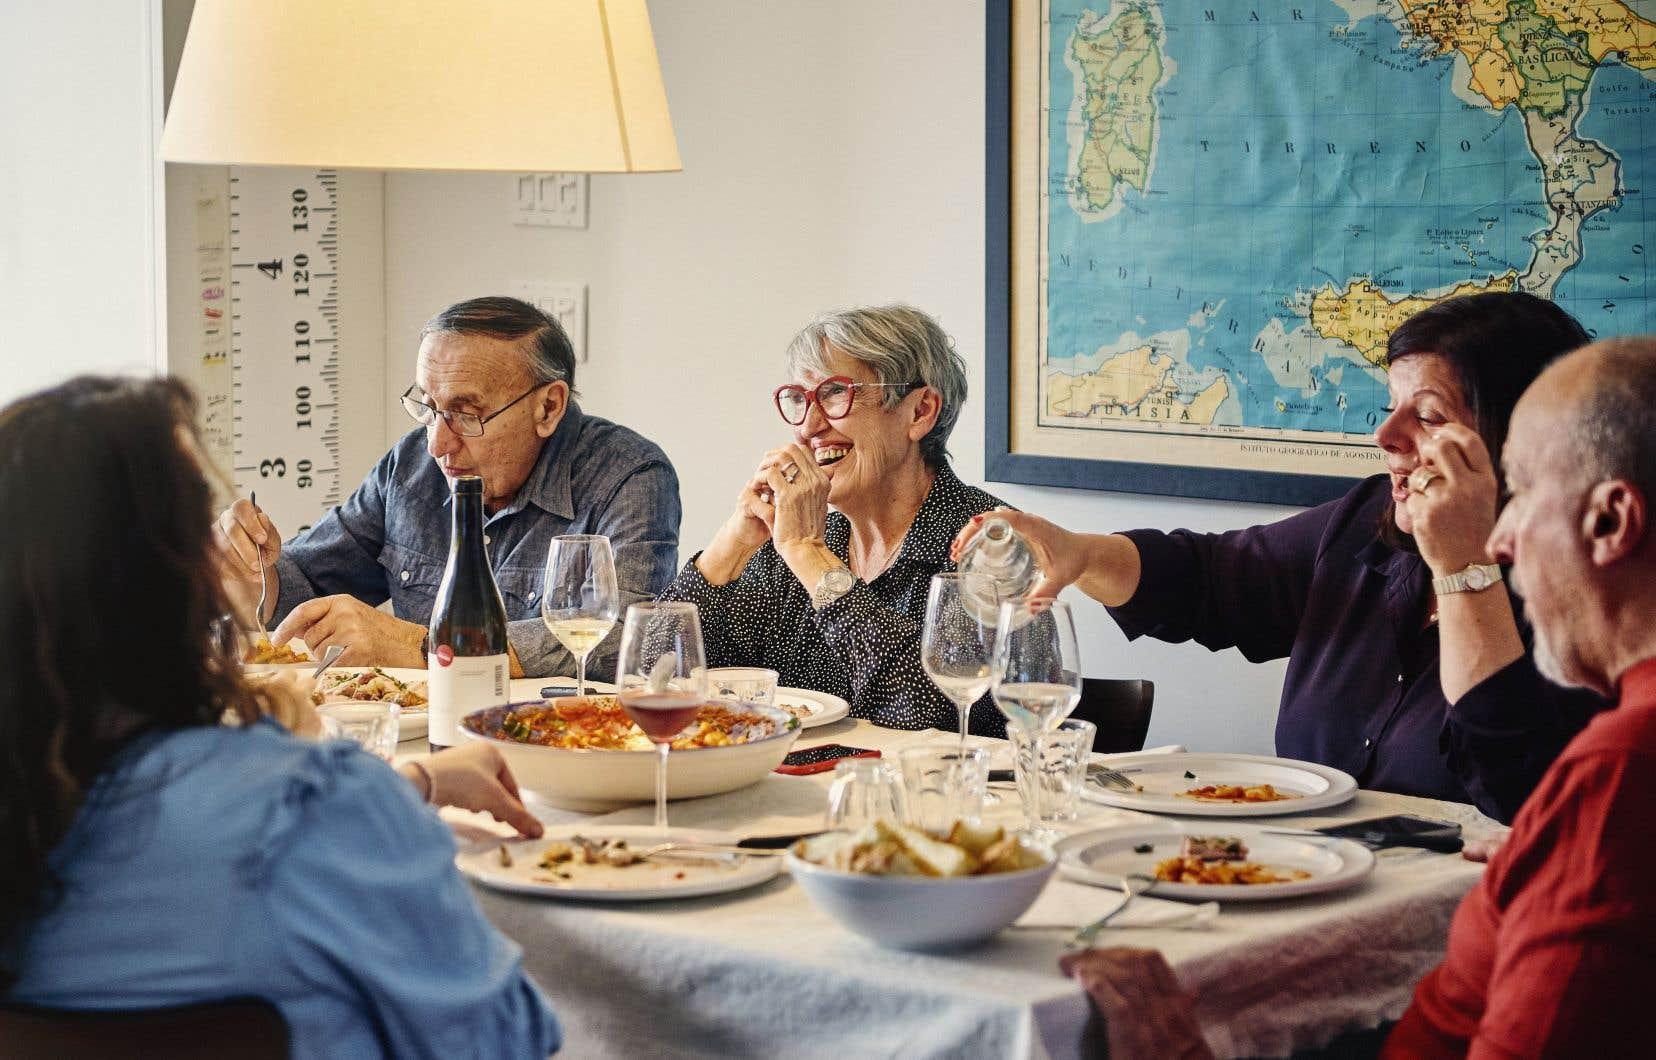 «Chez les Italiens, le repas est associé au plaisir de partager un moment avec sa famille. Il y a toujours quelque chose de très festif dans les repas italiens, et ça marque les esprits.»